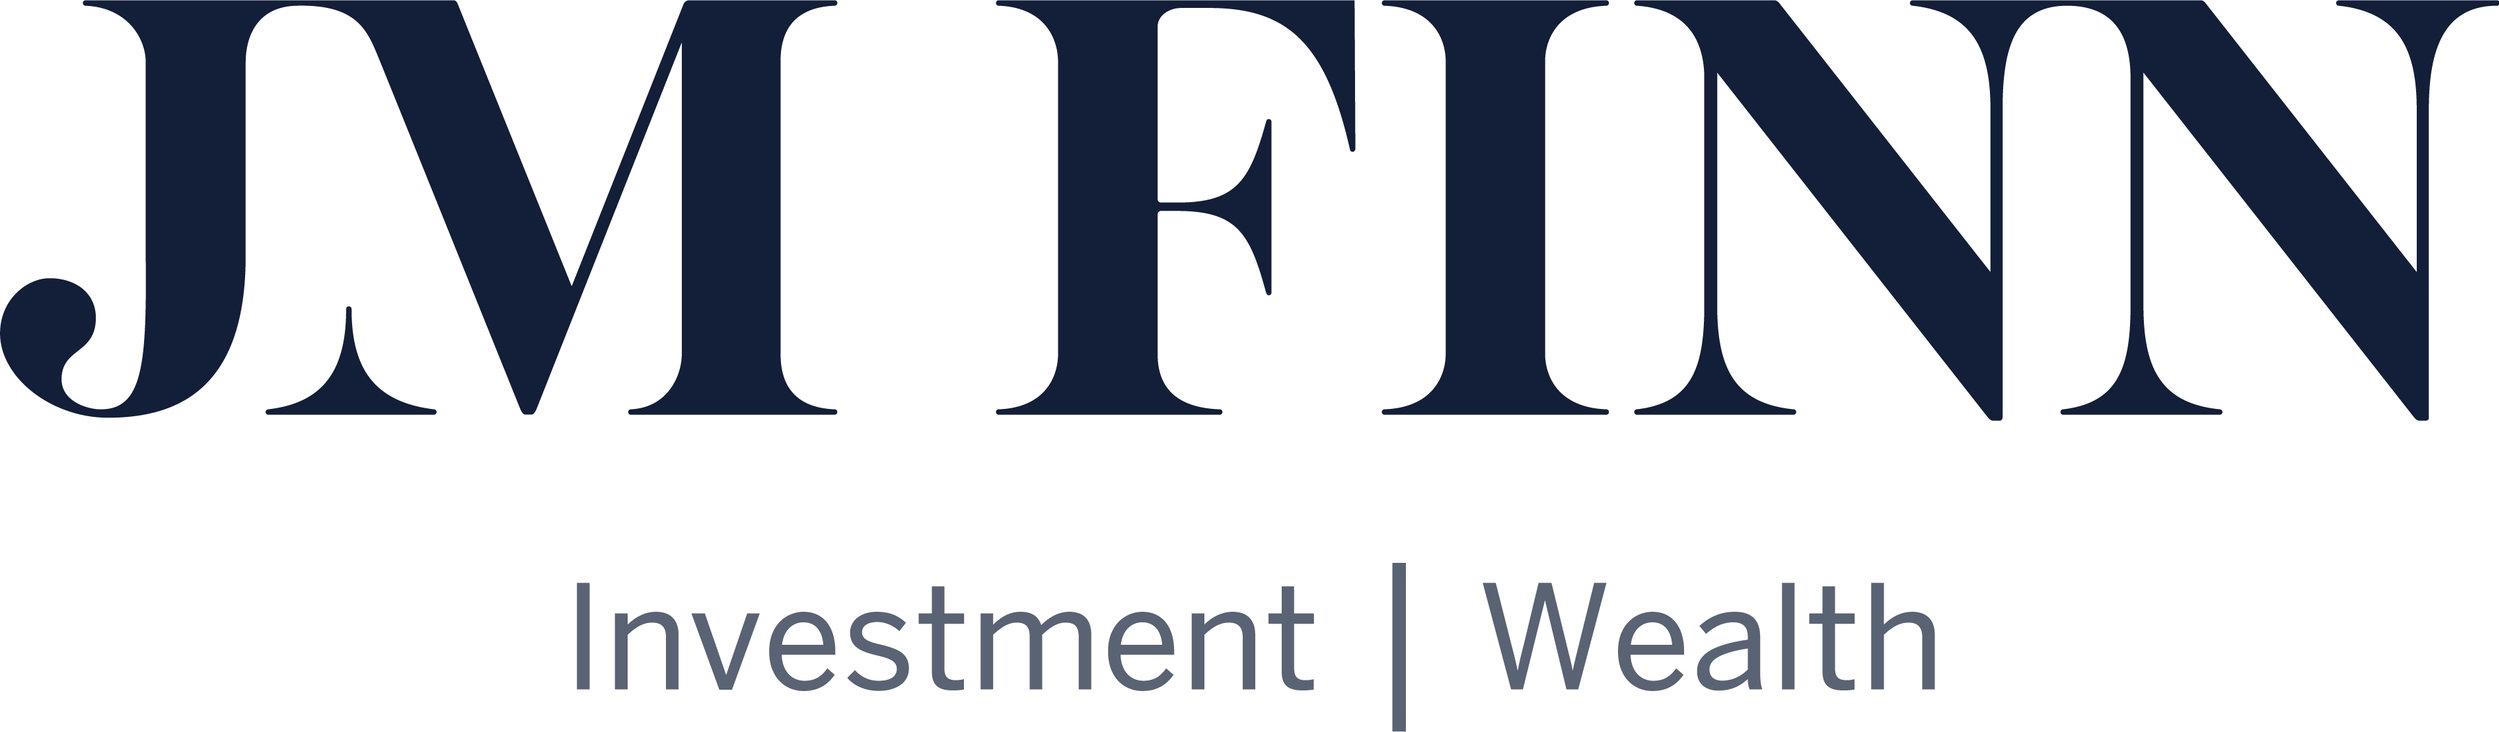 JM-Finn-Logo-wStrap-Blue.jpg